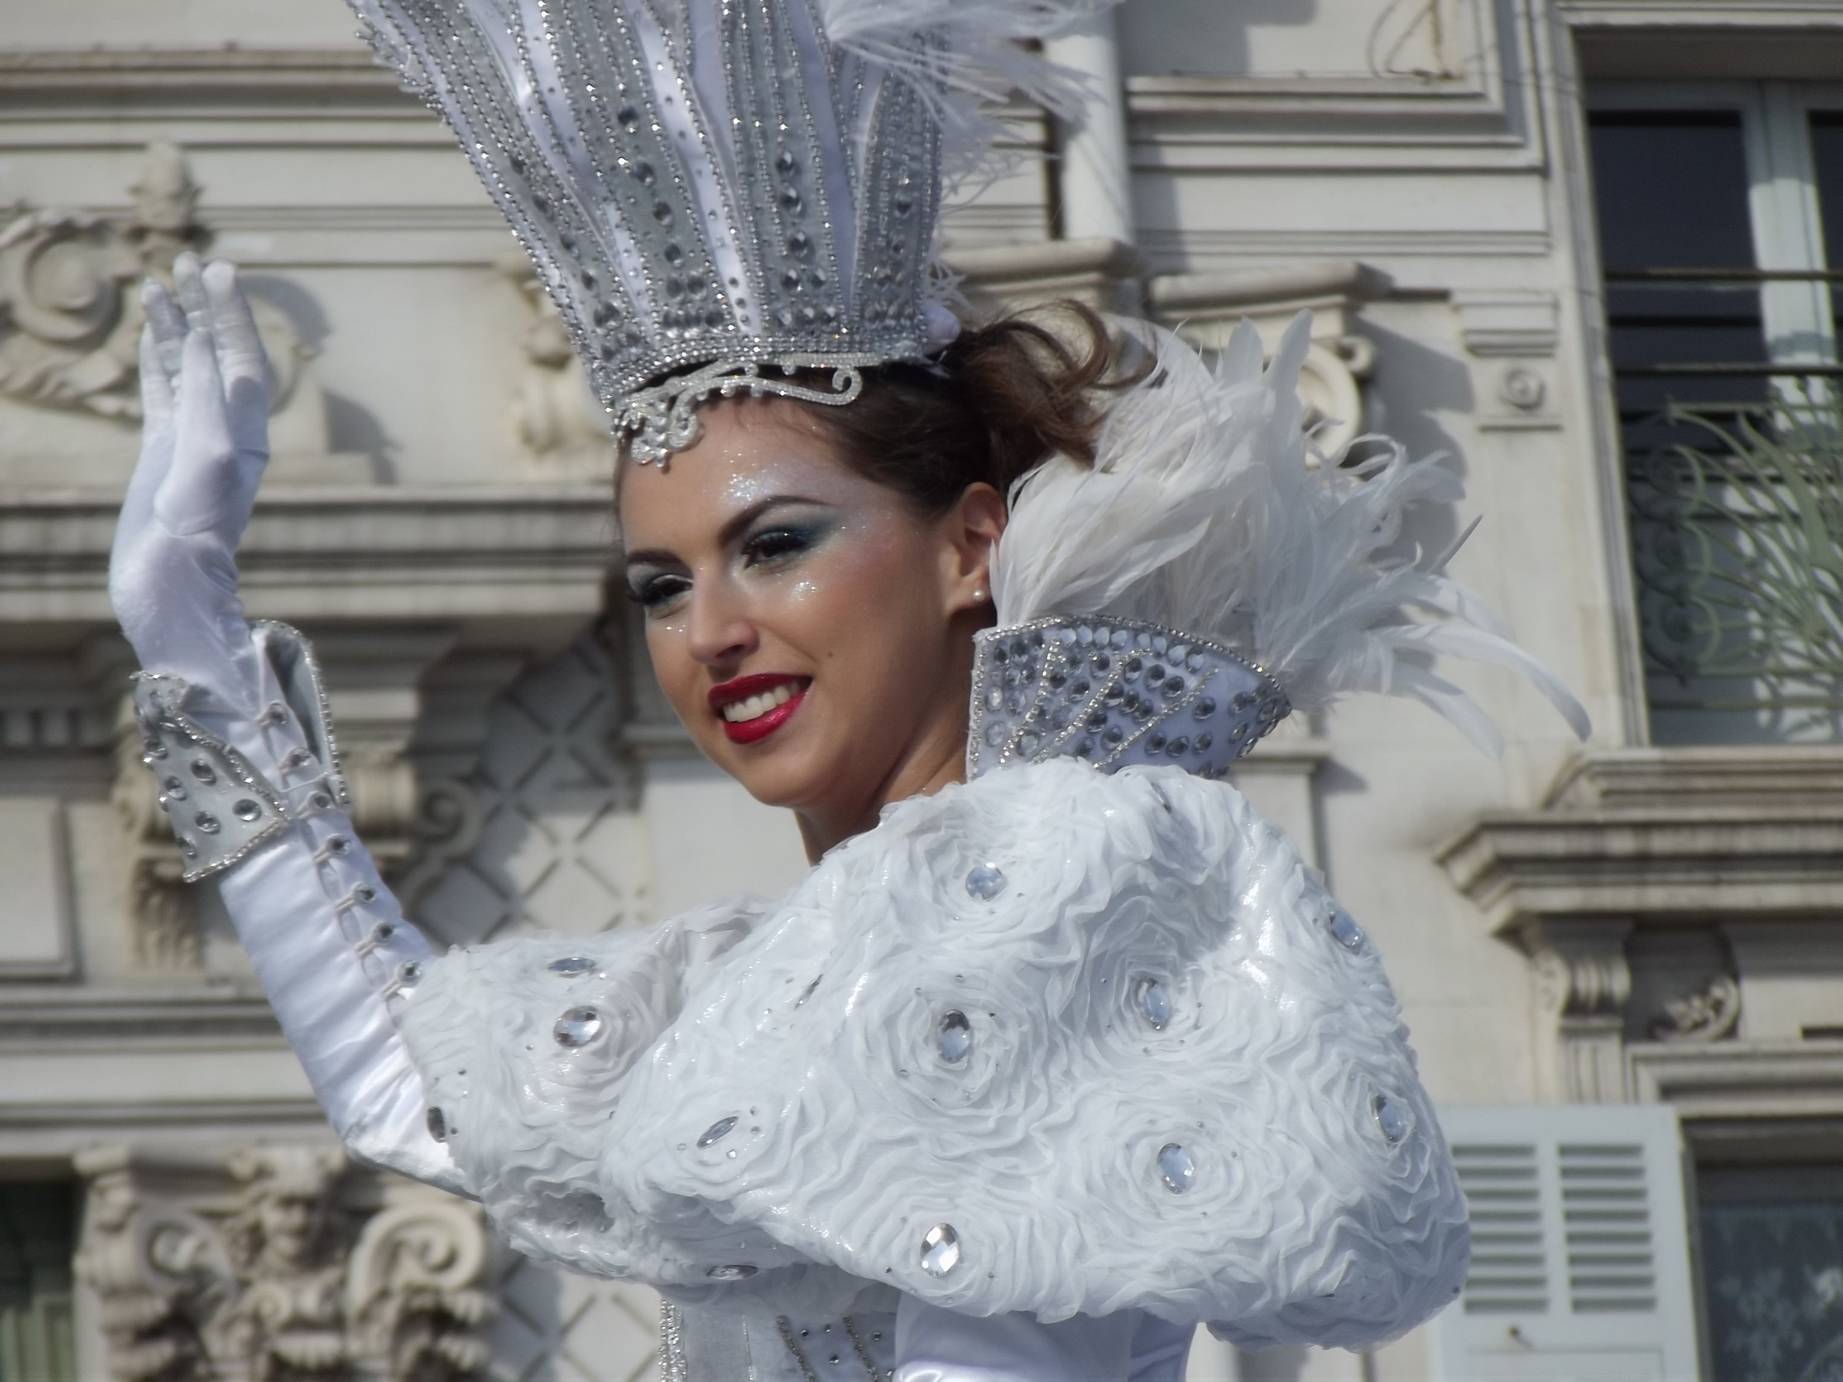 Nizza Fanny la regina del Carnevale